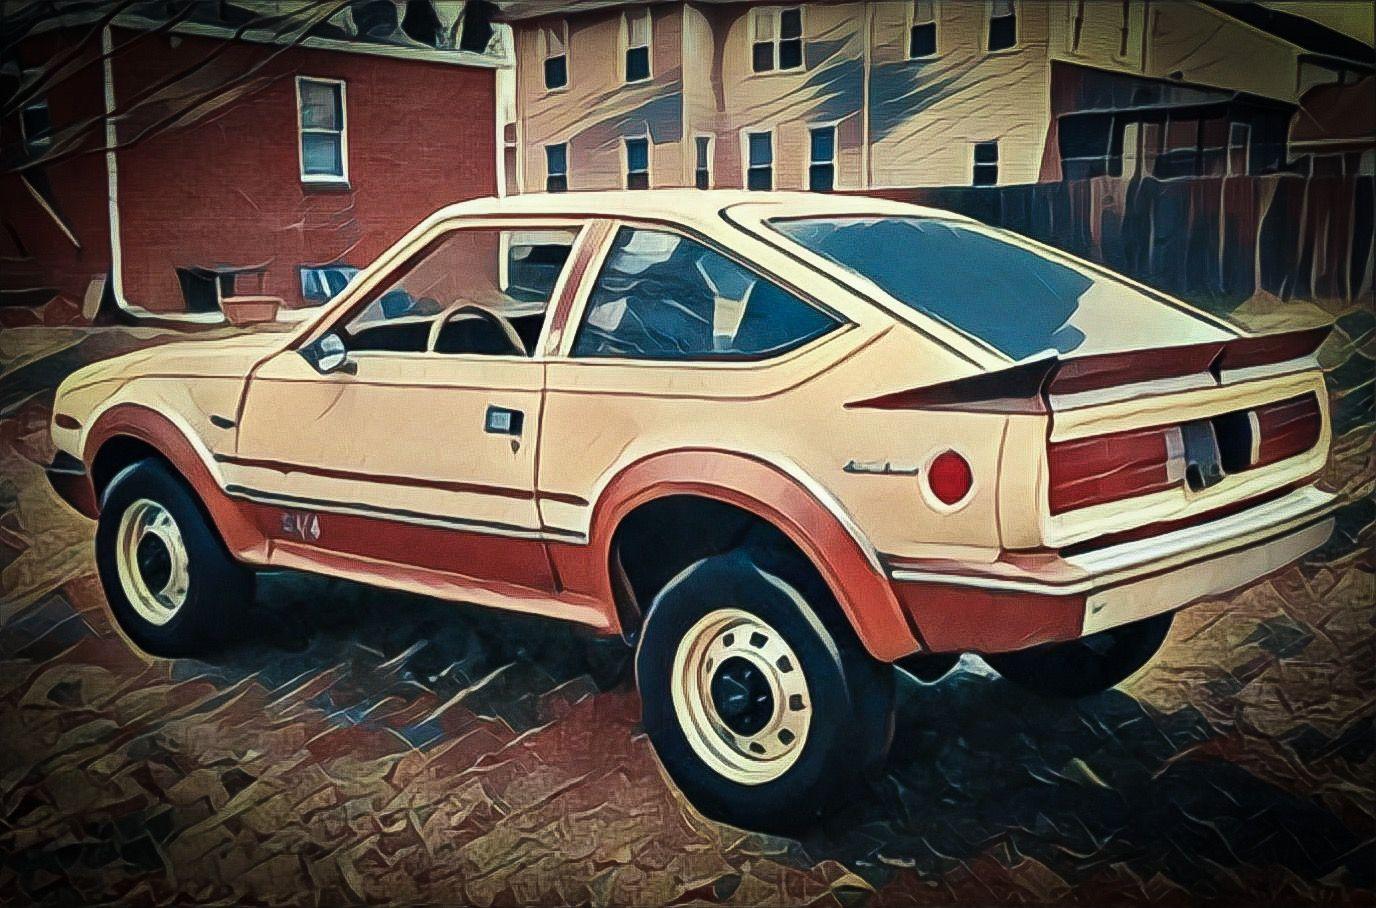 Pin by Duane Wirak on Adrenaline Capsules Car, Delaware